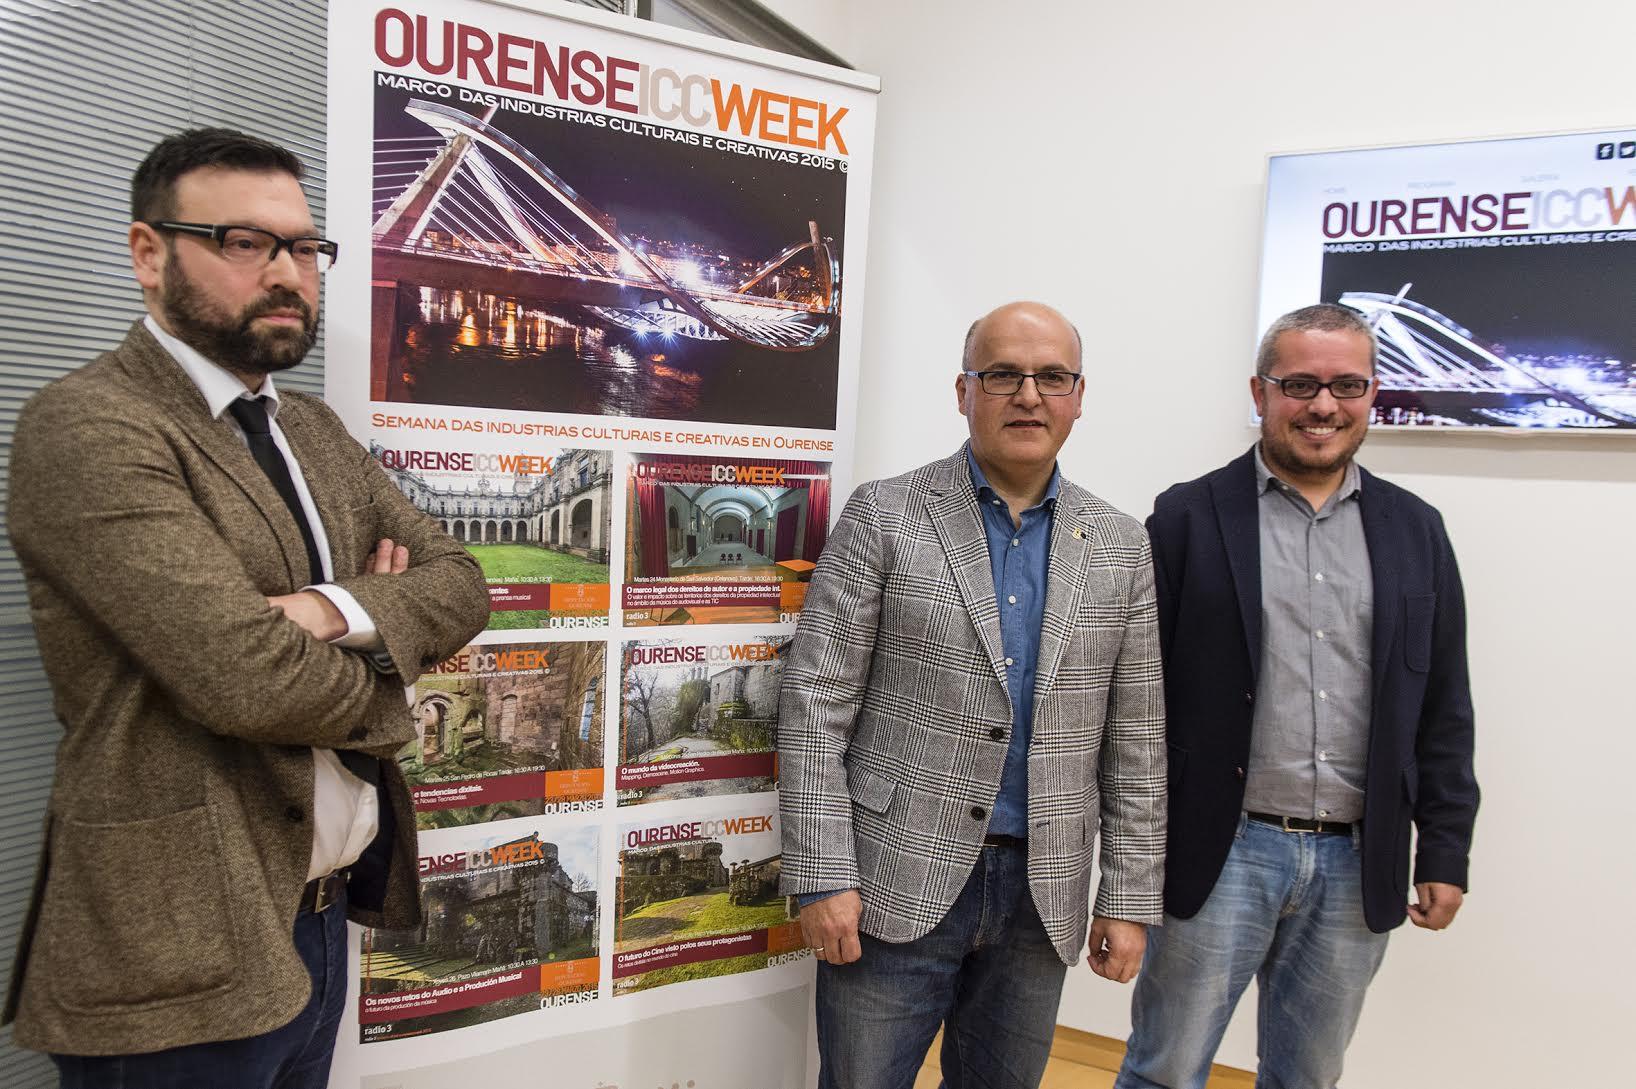 Presentación con Diputación de Ourense, Presidente: Manuel Baltar y Asesor de Cultura: Cesar Gil, Juan Rivas : Coordinador Técnico